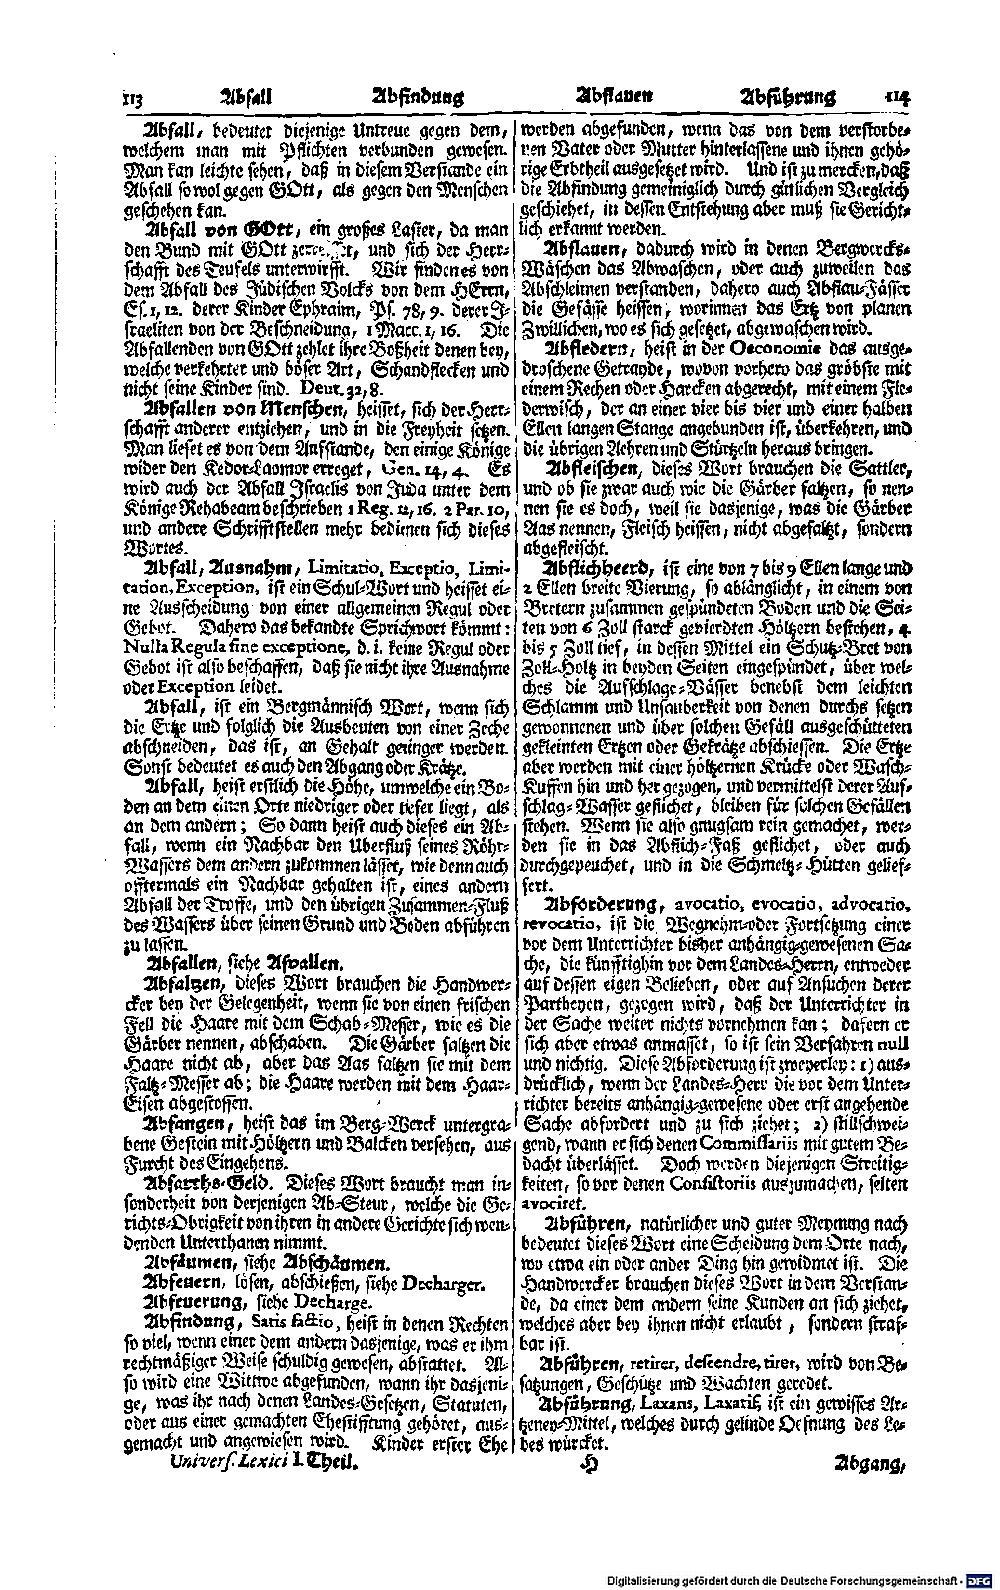 Bd. 01, Seite 0096.